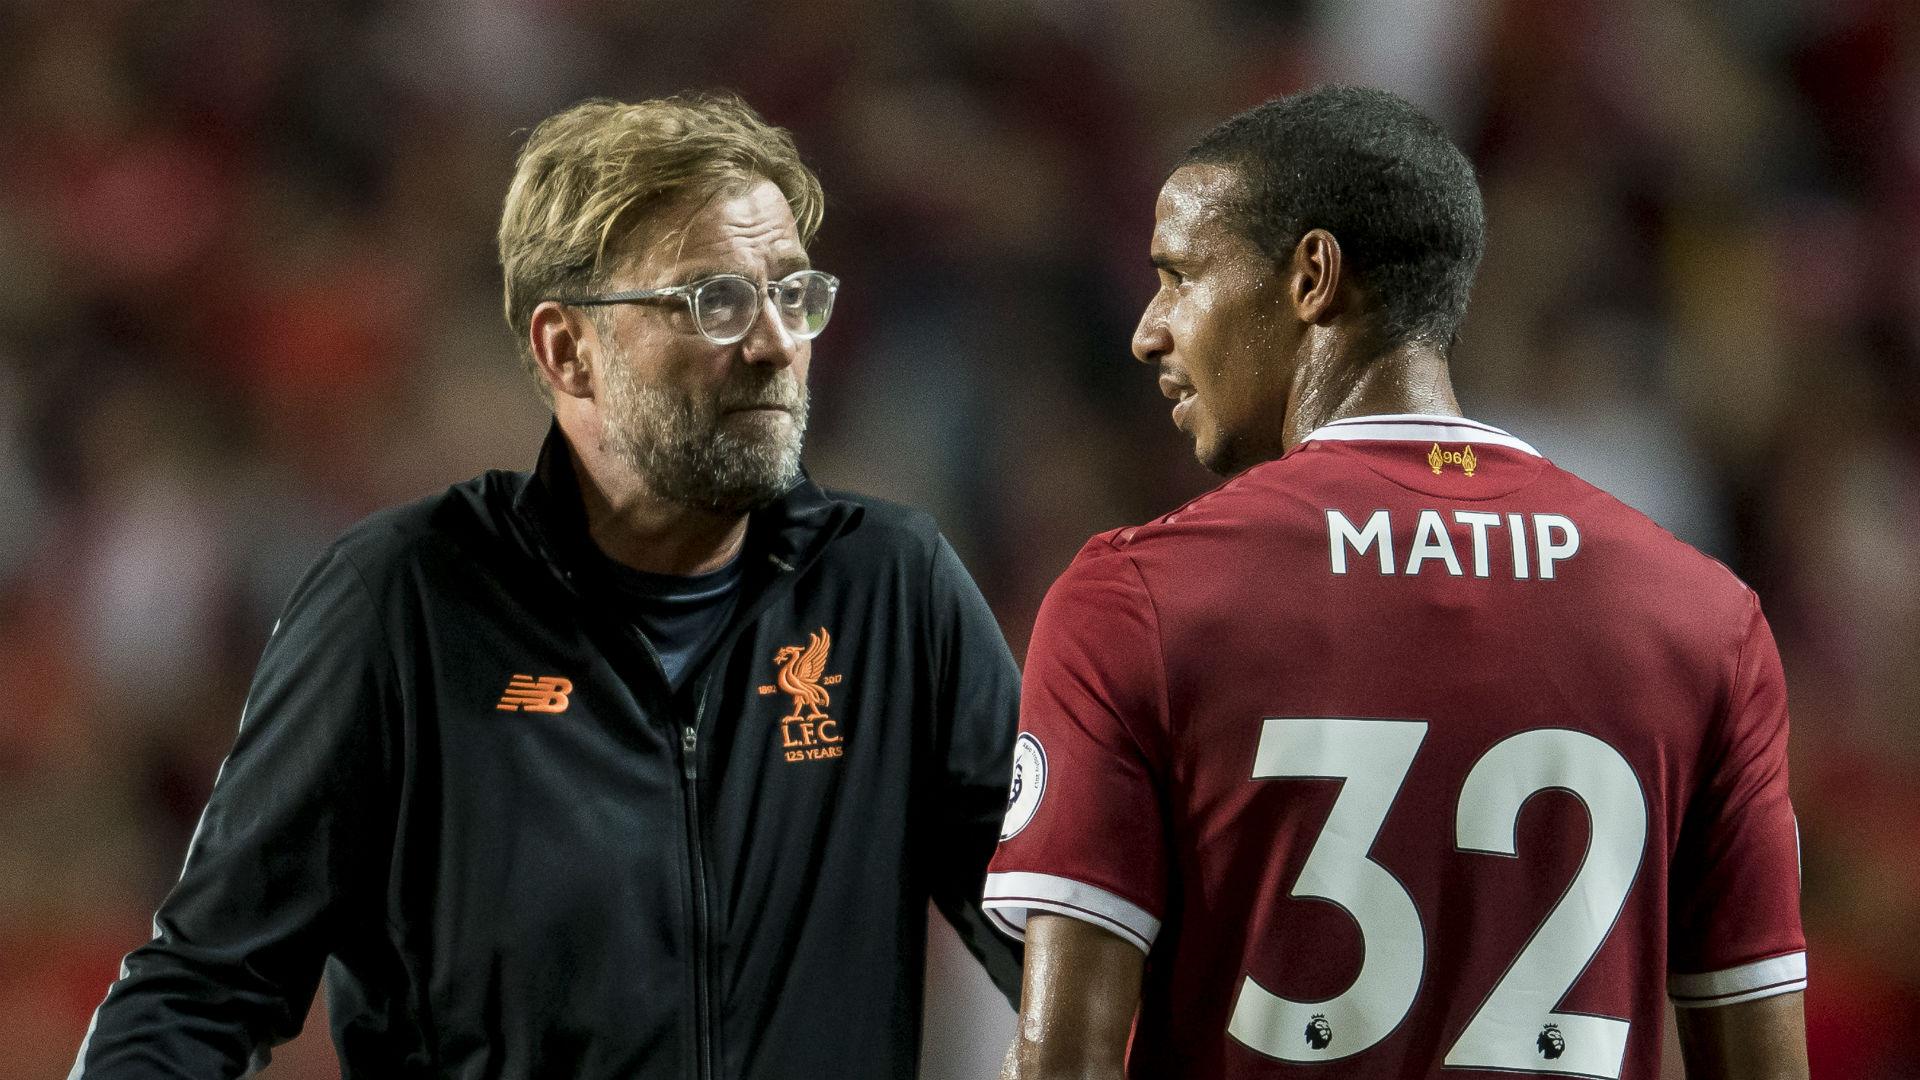 It's not rocket science - Klopp backs potential Gomez-Matip pairing to fight hard in Van Dijk absence